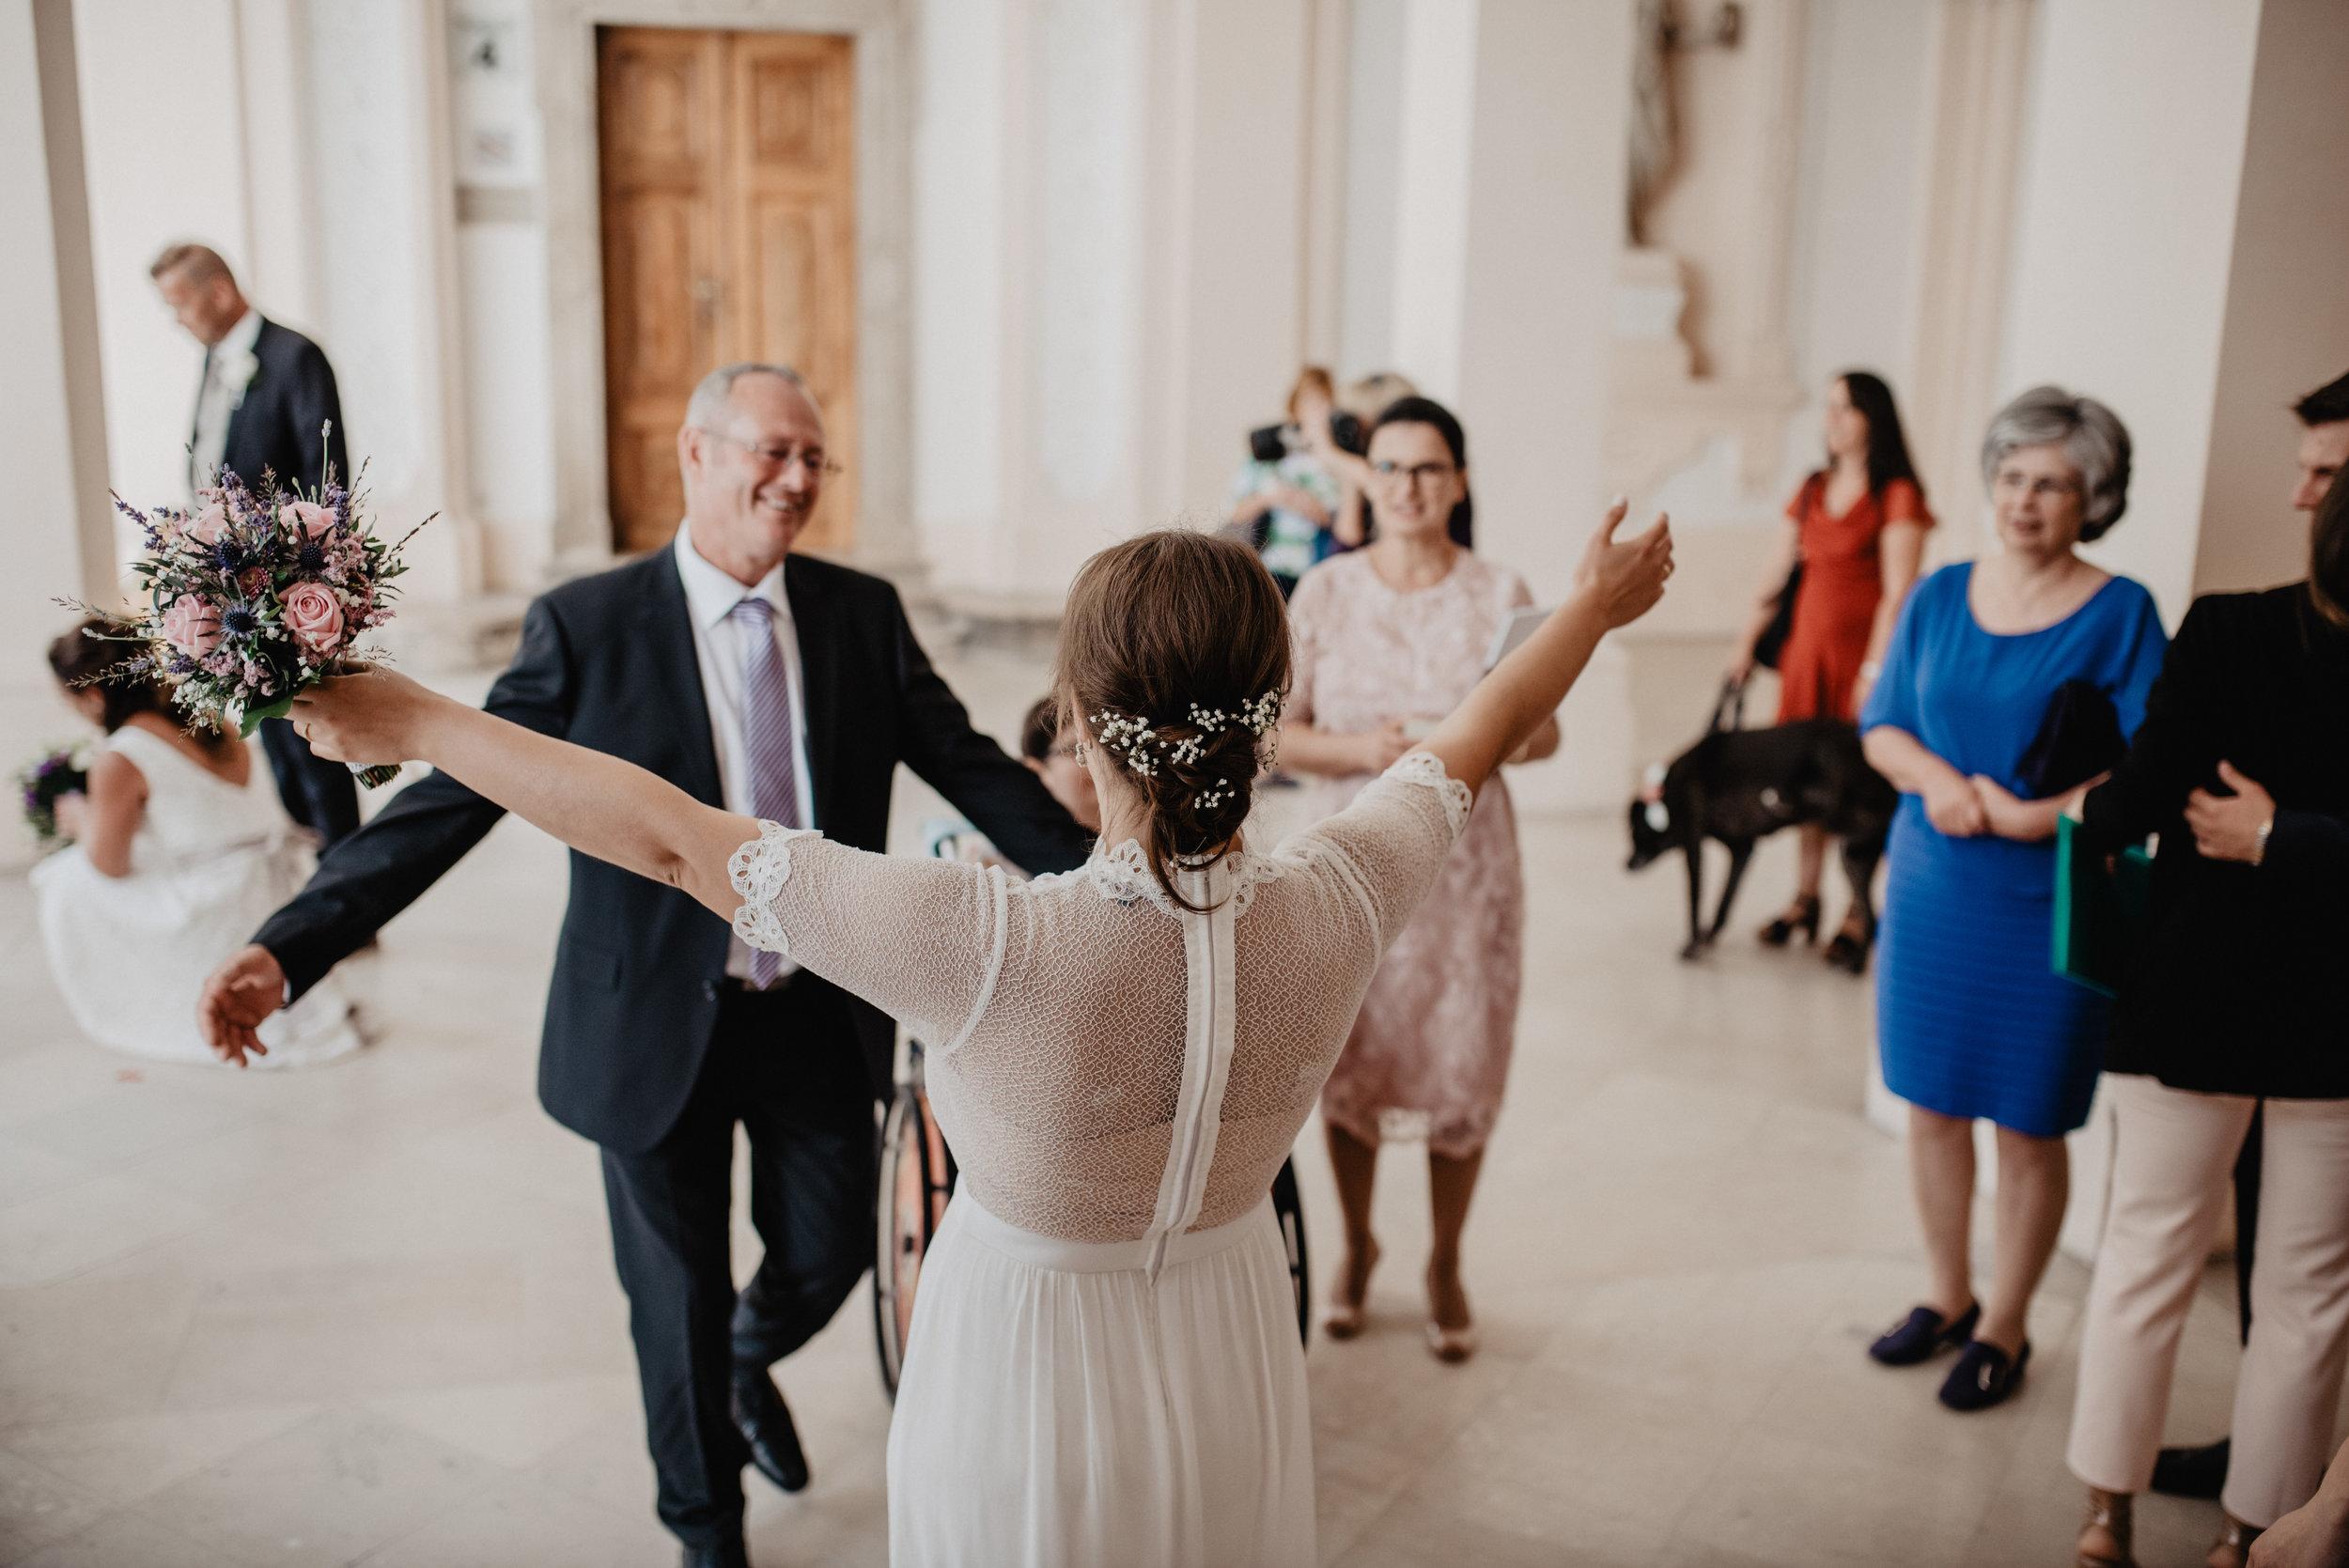 Hochzeit Salzburg Mirabell - Miss Freckles Photography (37 von 49).jpg